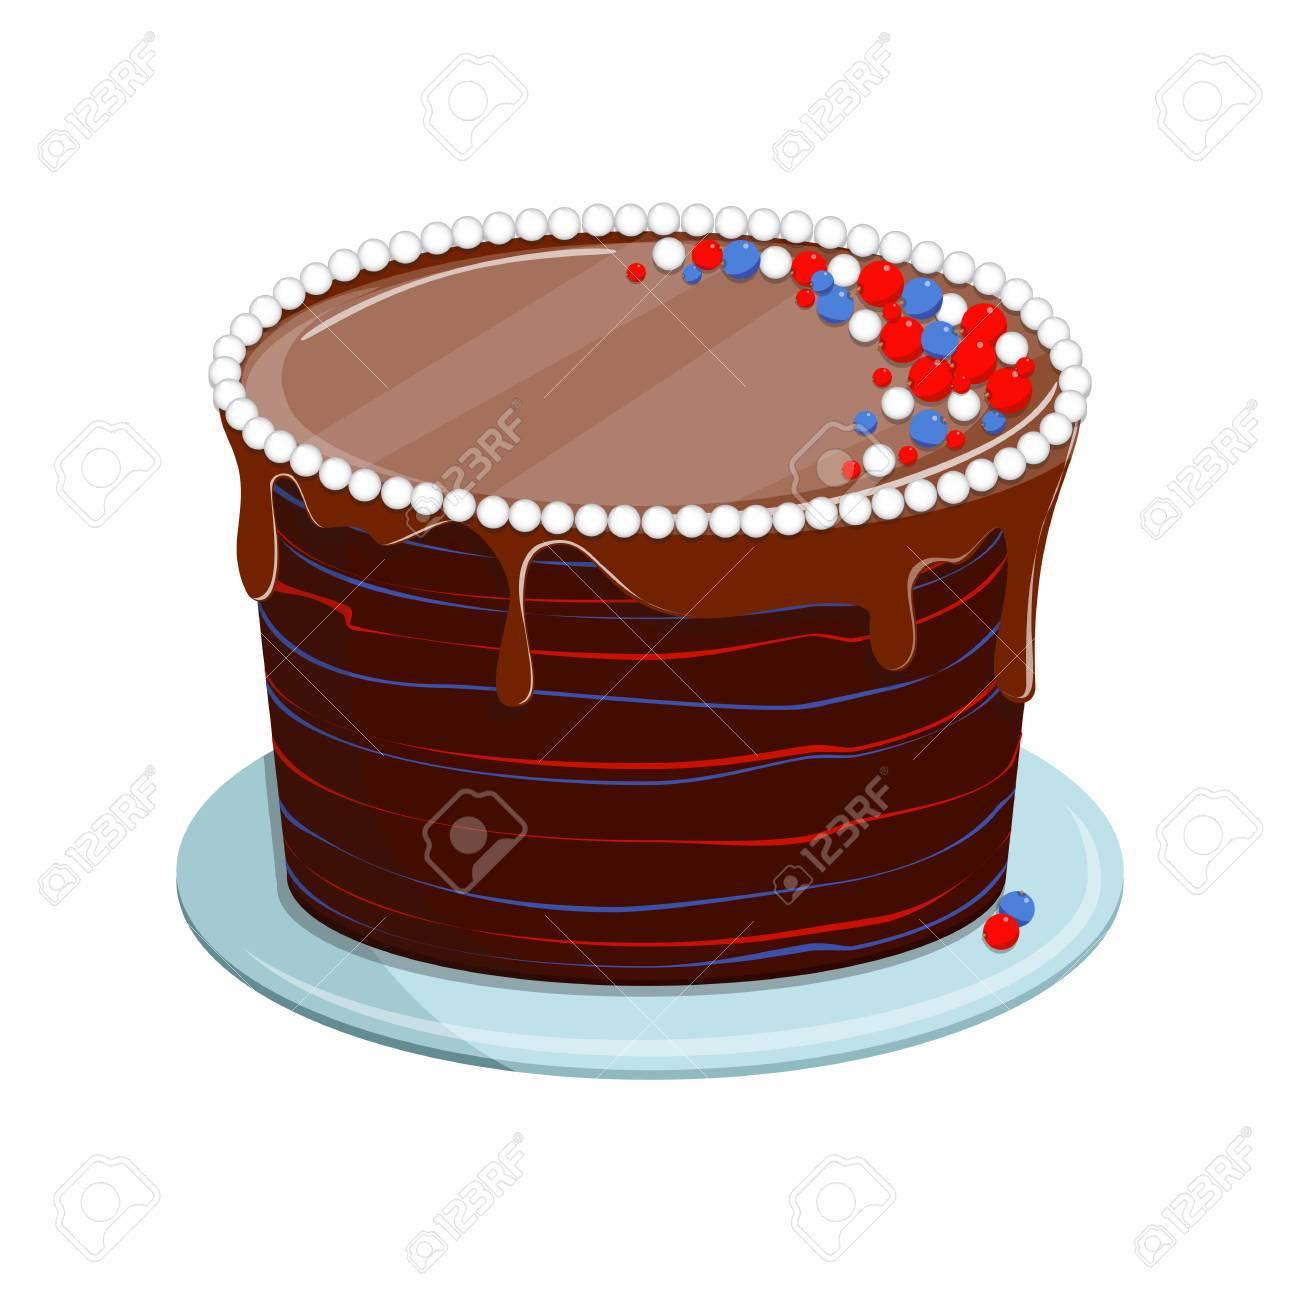 Illustration Vectorielle Isolé Sur Fond Blanc Gâteau Au Biscuit Sucré Avec Glaçage Pour Les Fêtes Danniversaire Ou De Mariage Fête